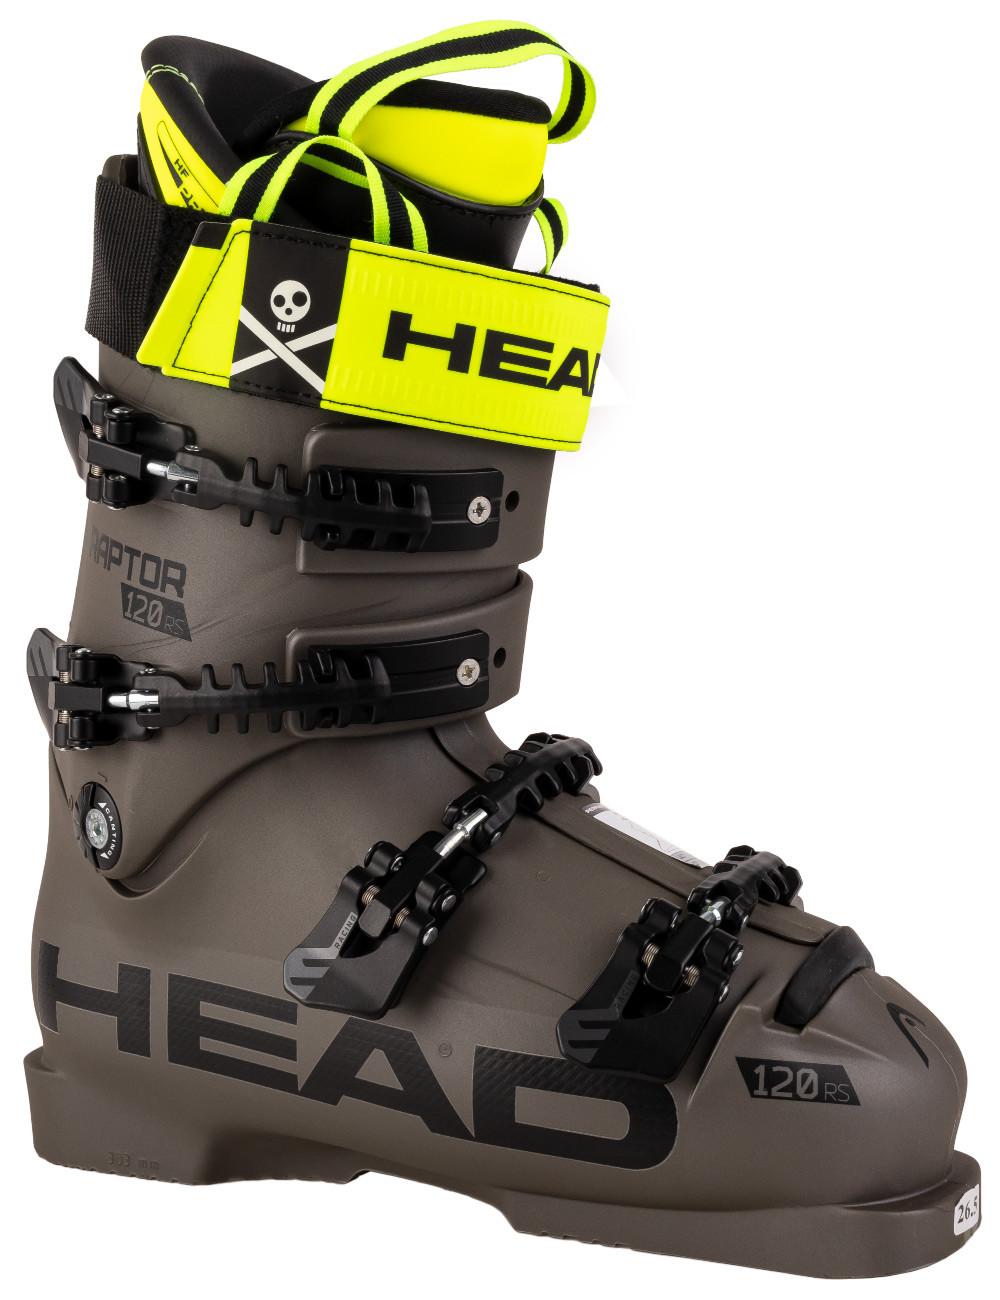 Buty narciarskie salomon (zawodnicze flex 120) rozmiar 24,5